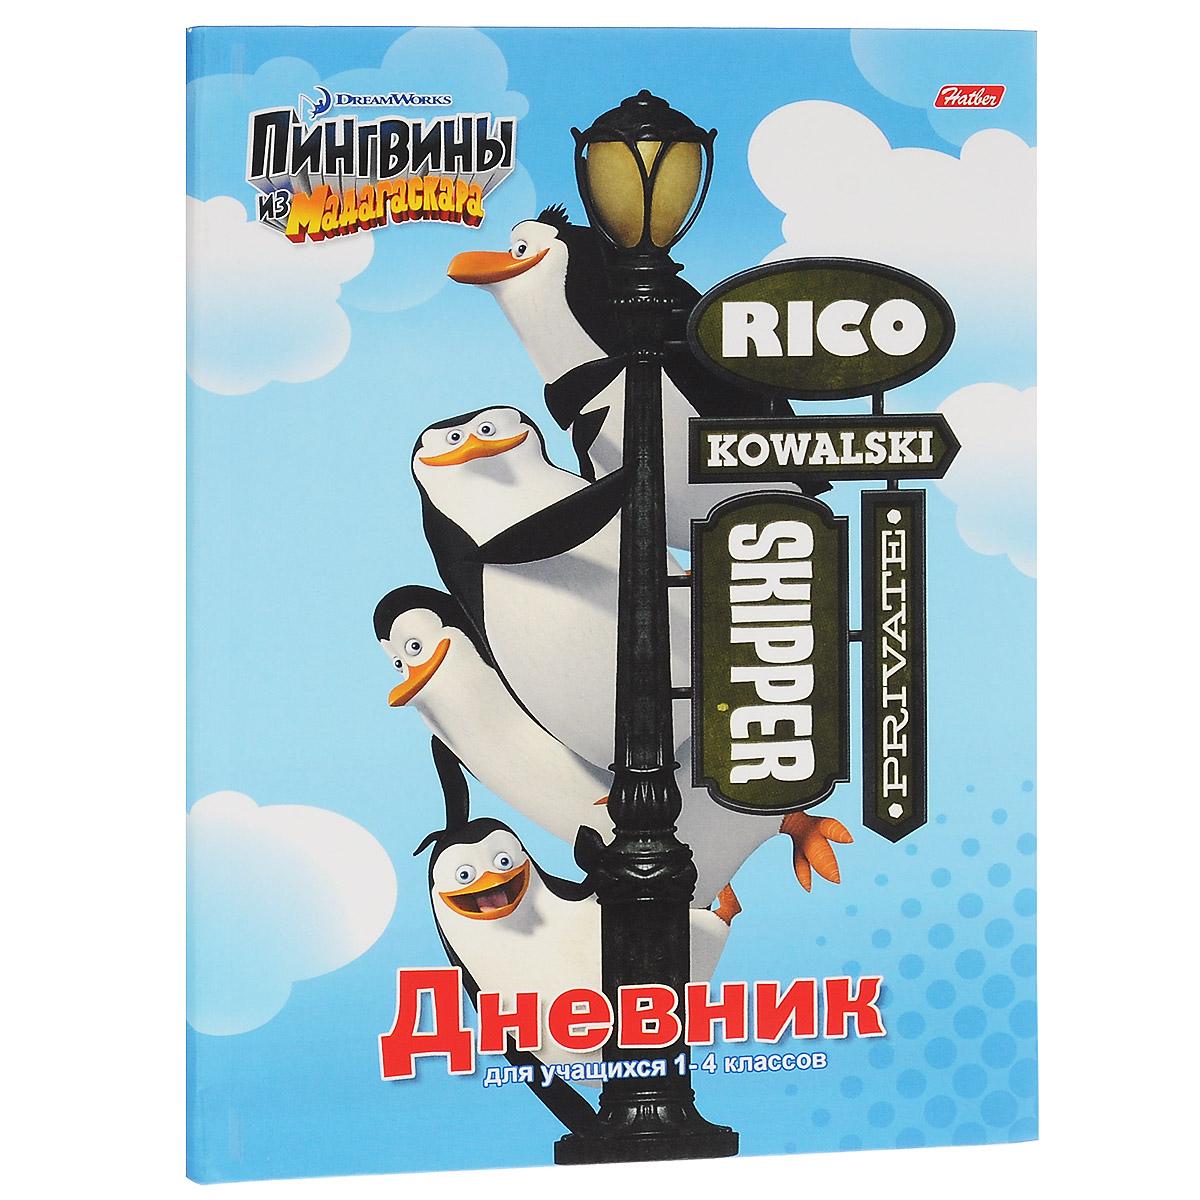 Дневник школьный Hatber Пингвины из Мадагаскара, цвет: голубой48ДмТ5В_16079Школьный дневник Hatber Пингвины из Мадагаскара предназначен для учащихся 1-4 классов.Внутреннийблок дневника состоит из 48 листов бумаги. Обложка в интегральном переплете выполнена из глянцевогокартона с изображением пингвинов Мадагаскара.В структуру дневника входят все необходимые разделы:информация о личных данных ученика, школе и педагогах, друзьях и одноклассниках, расписание факультативов иуроков по четвертям, сведения об успеваемости срекомендациями педагогического коллектива. Дневник содержит номера телефонов экстренной помощи и датыгосударственныхпраздников. Кроме стандартной информации, в конце дневника имеется краткий справочник школьника поматематике и русскому языку.Справочник содержит таблицу умножения, ряд формул, правил и подсказок по предмету, которому онипредназначены.Дневник Hatber Пингвины из Мадагаскарастанет надежным помощником в освоении новыхзнаний и принесет радость своему хозяину, украшая учебные будни. Рекомендуемый возраст: от 6 лет.